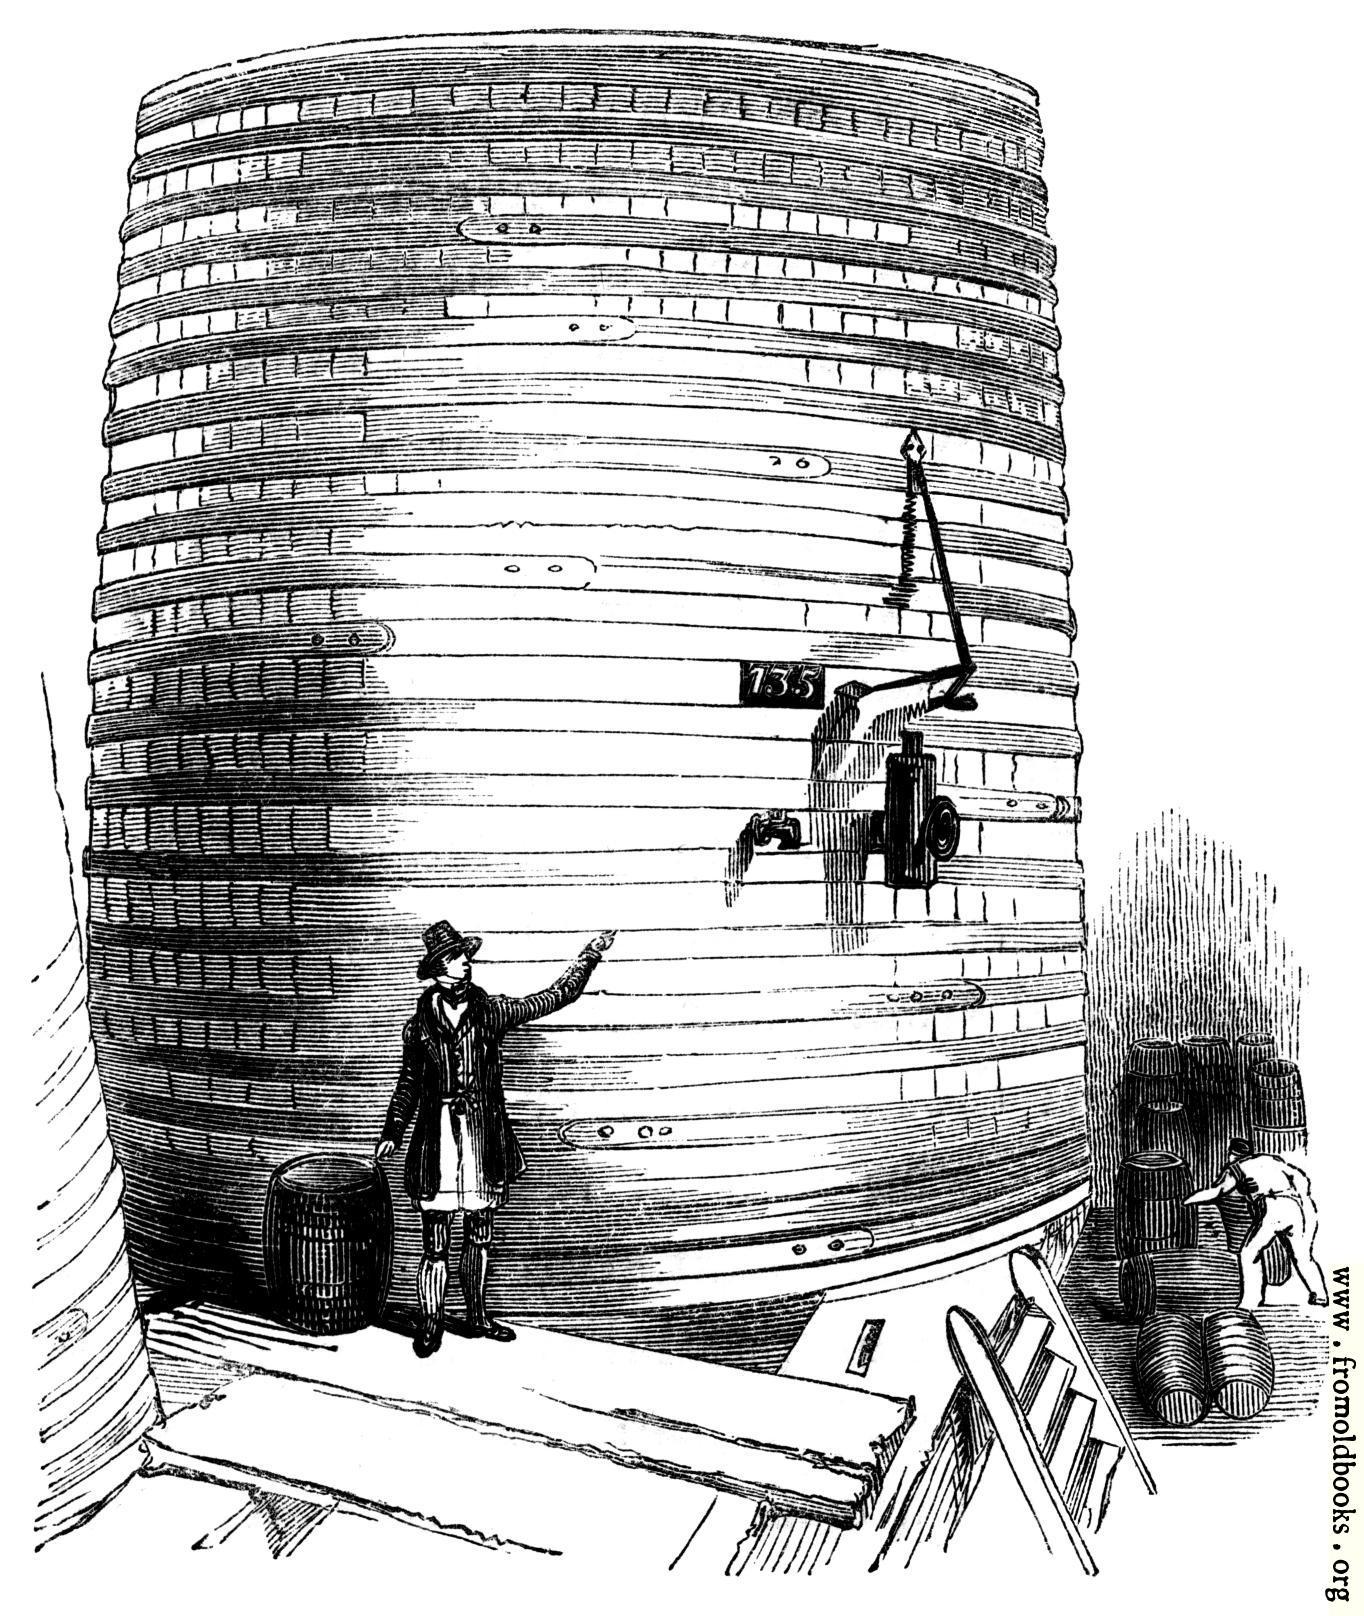 013-giant-beer-barrel-q75-1364x1616.jpg